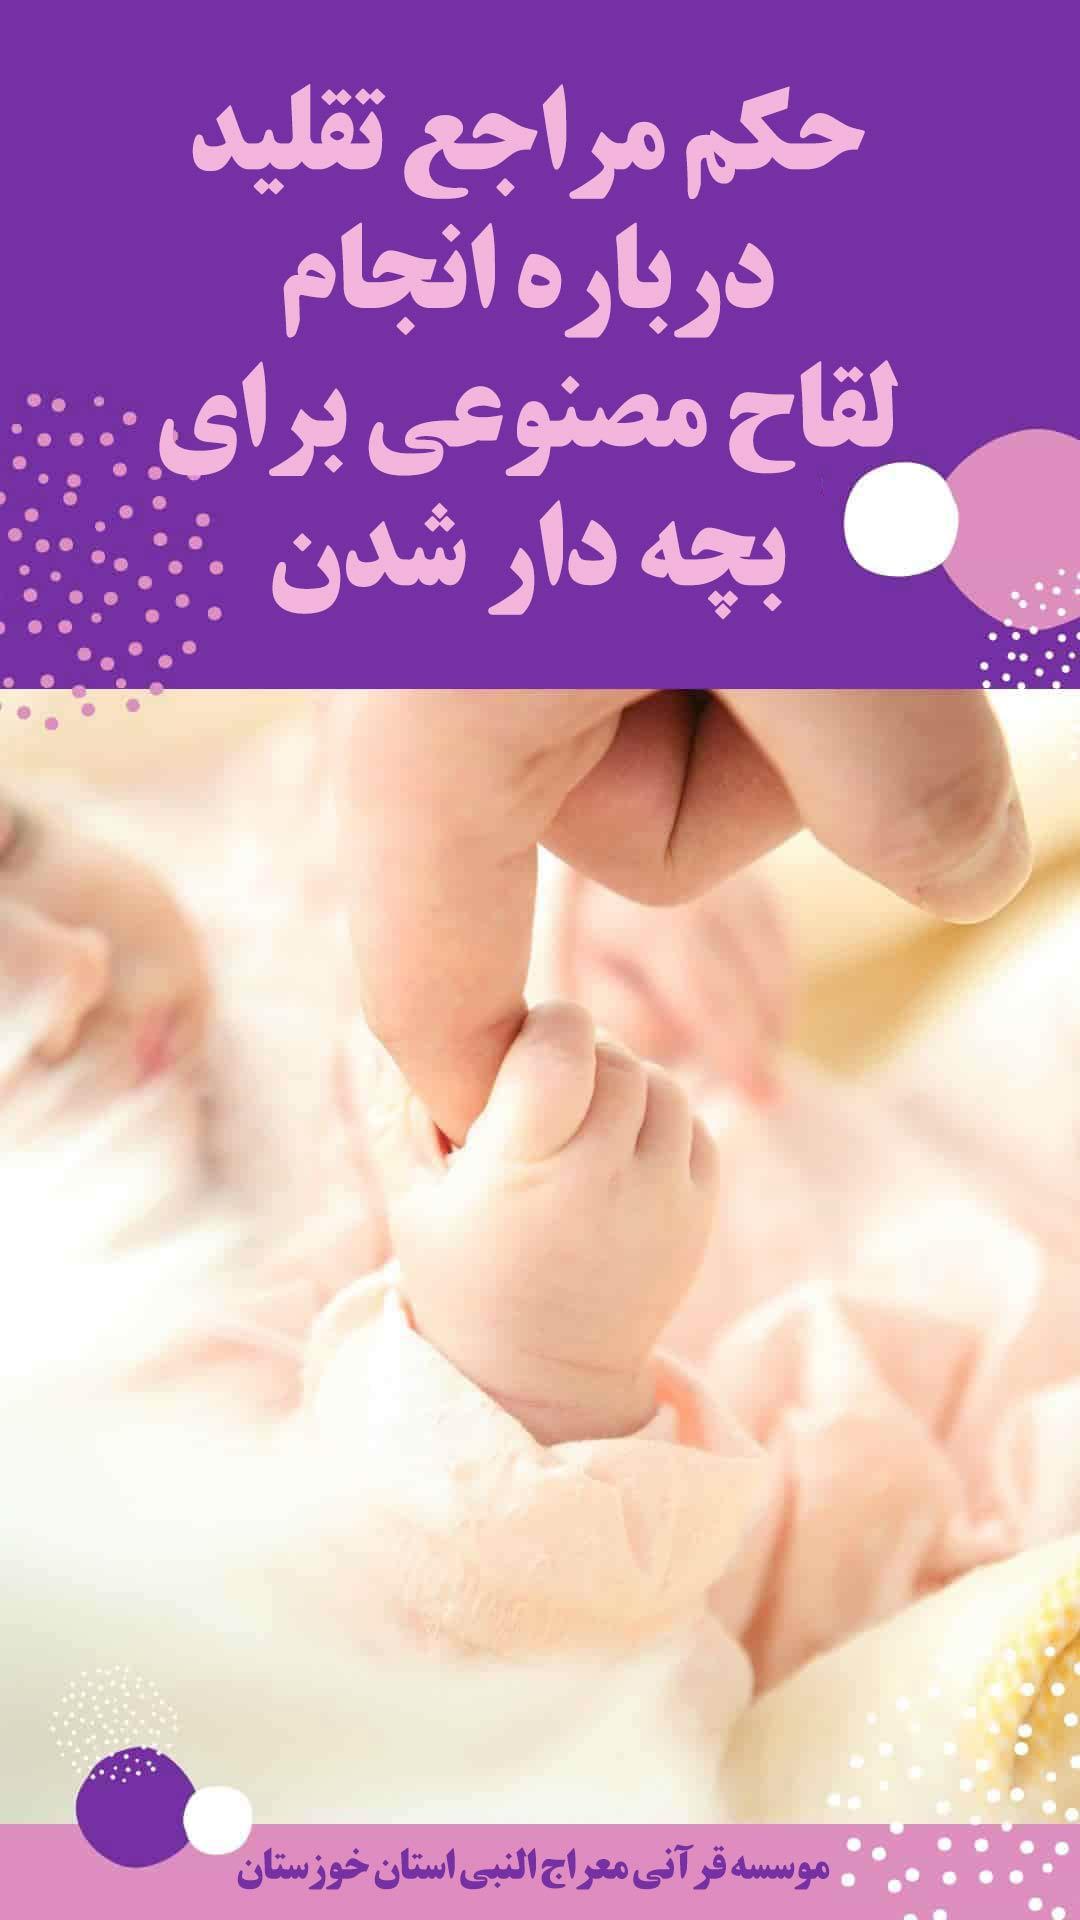 حکم مراجع تقلید درباره انجام لقاح مصنوعی برای بچه دار شدن